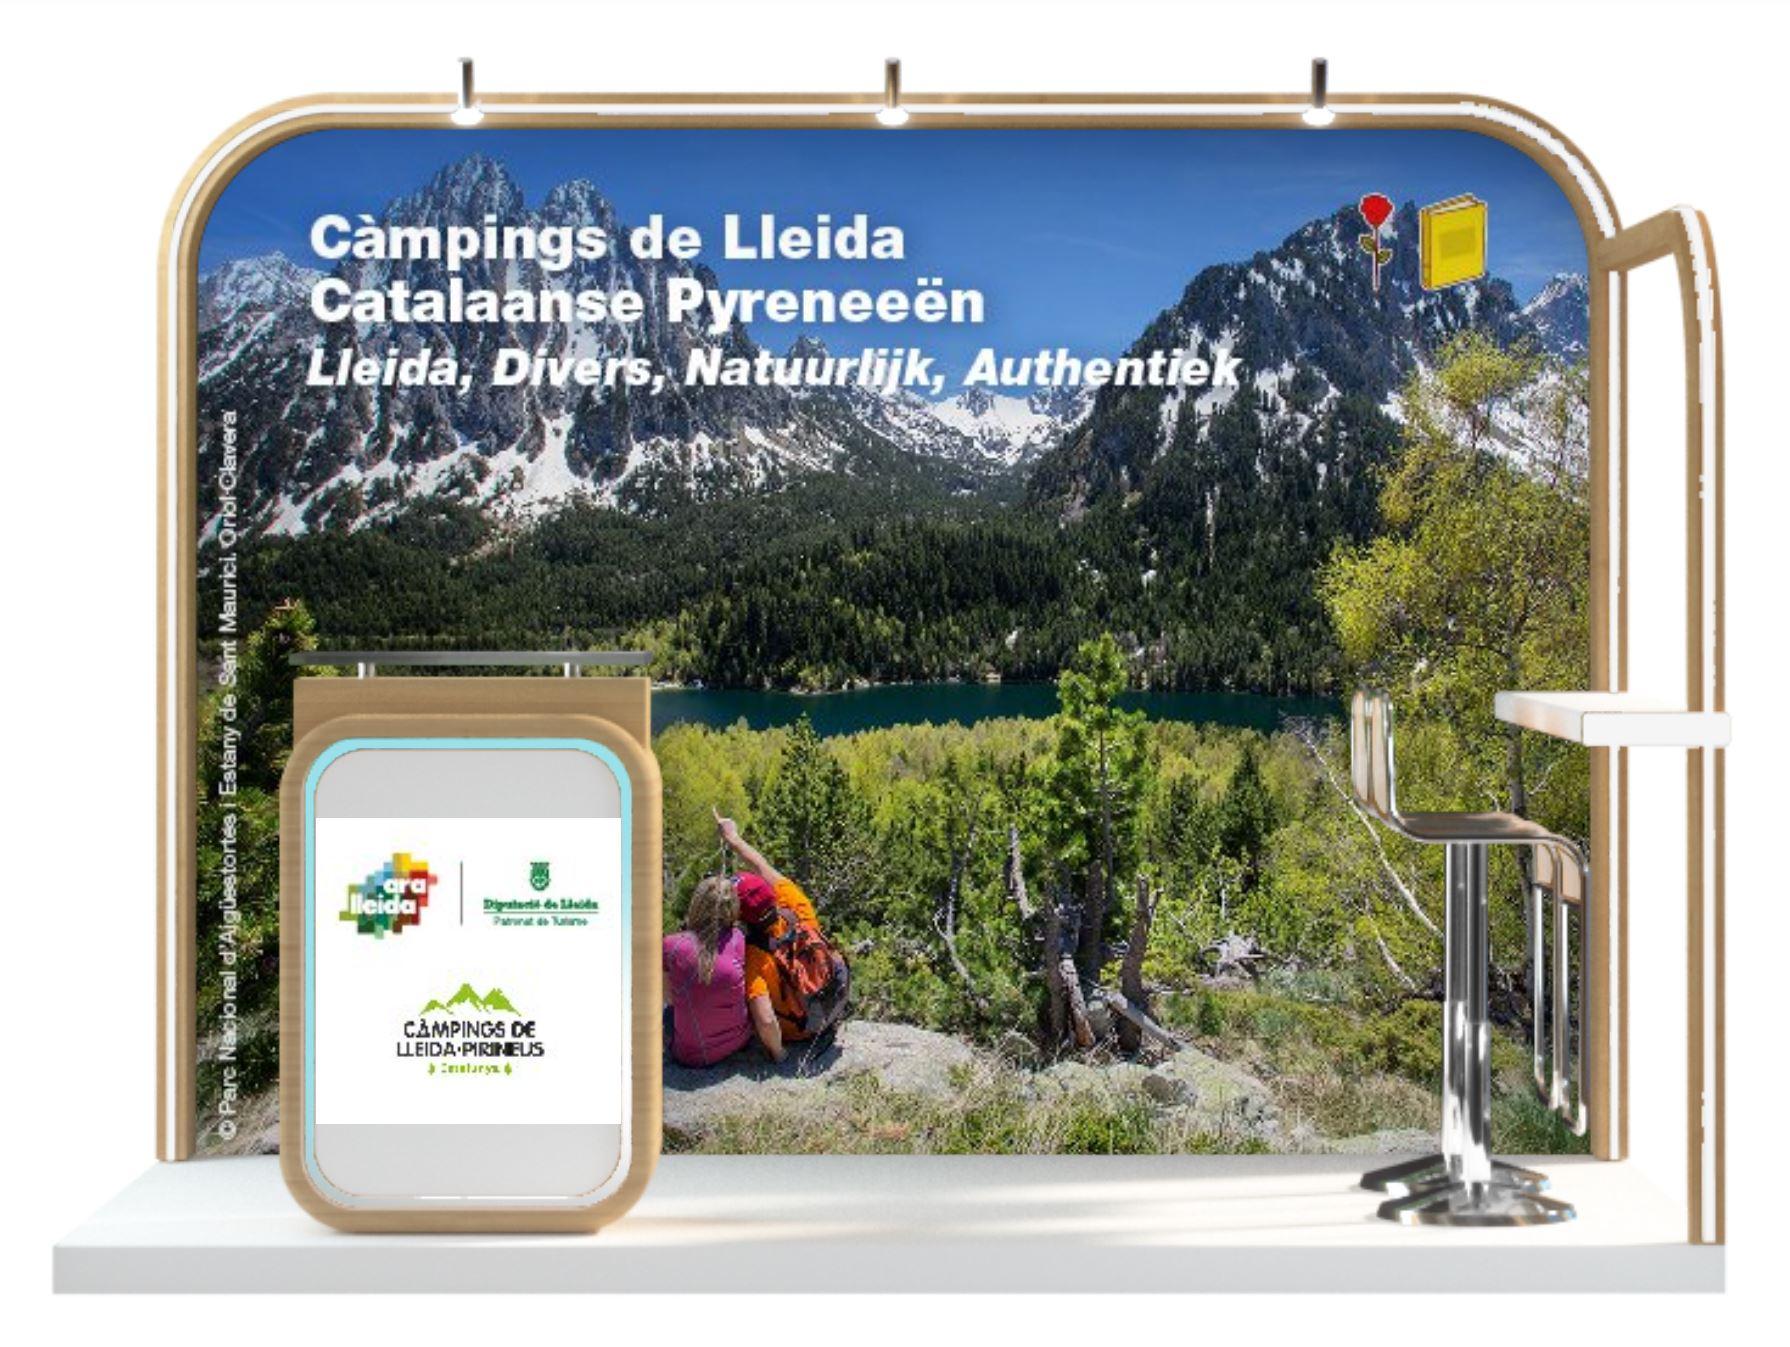 Imatge de l'estand virtual del Patronat i de l'Associació de Càmpings de Lleida